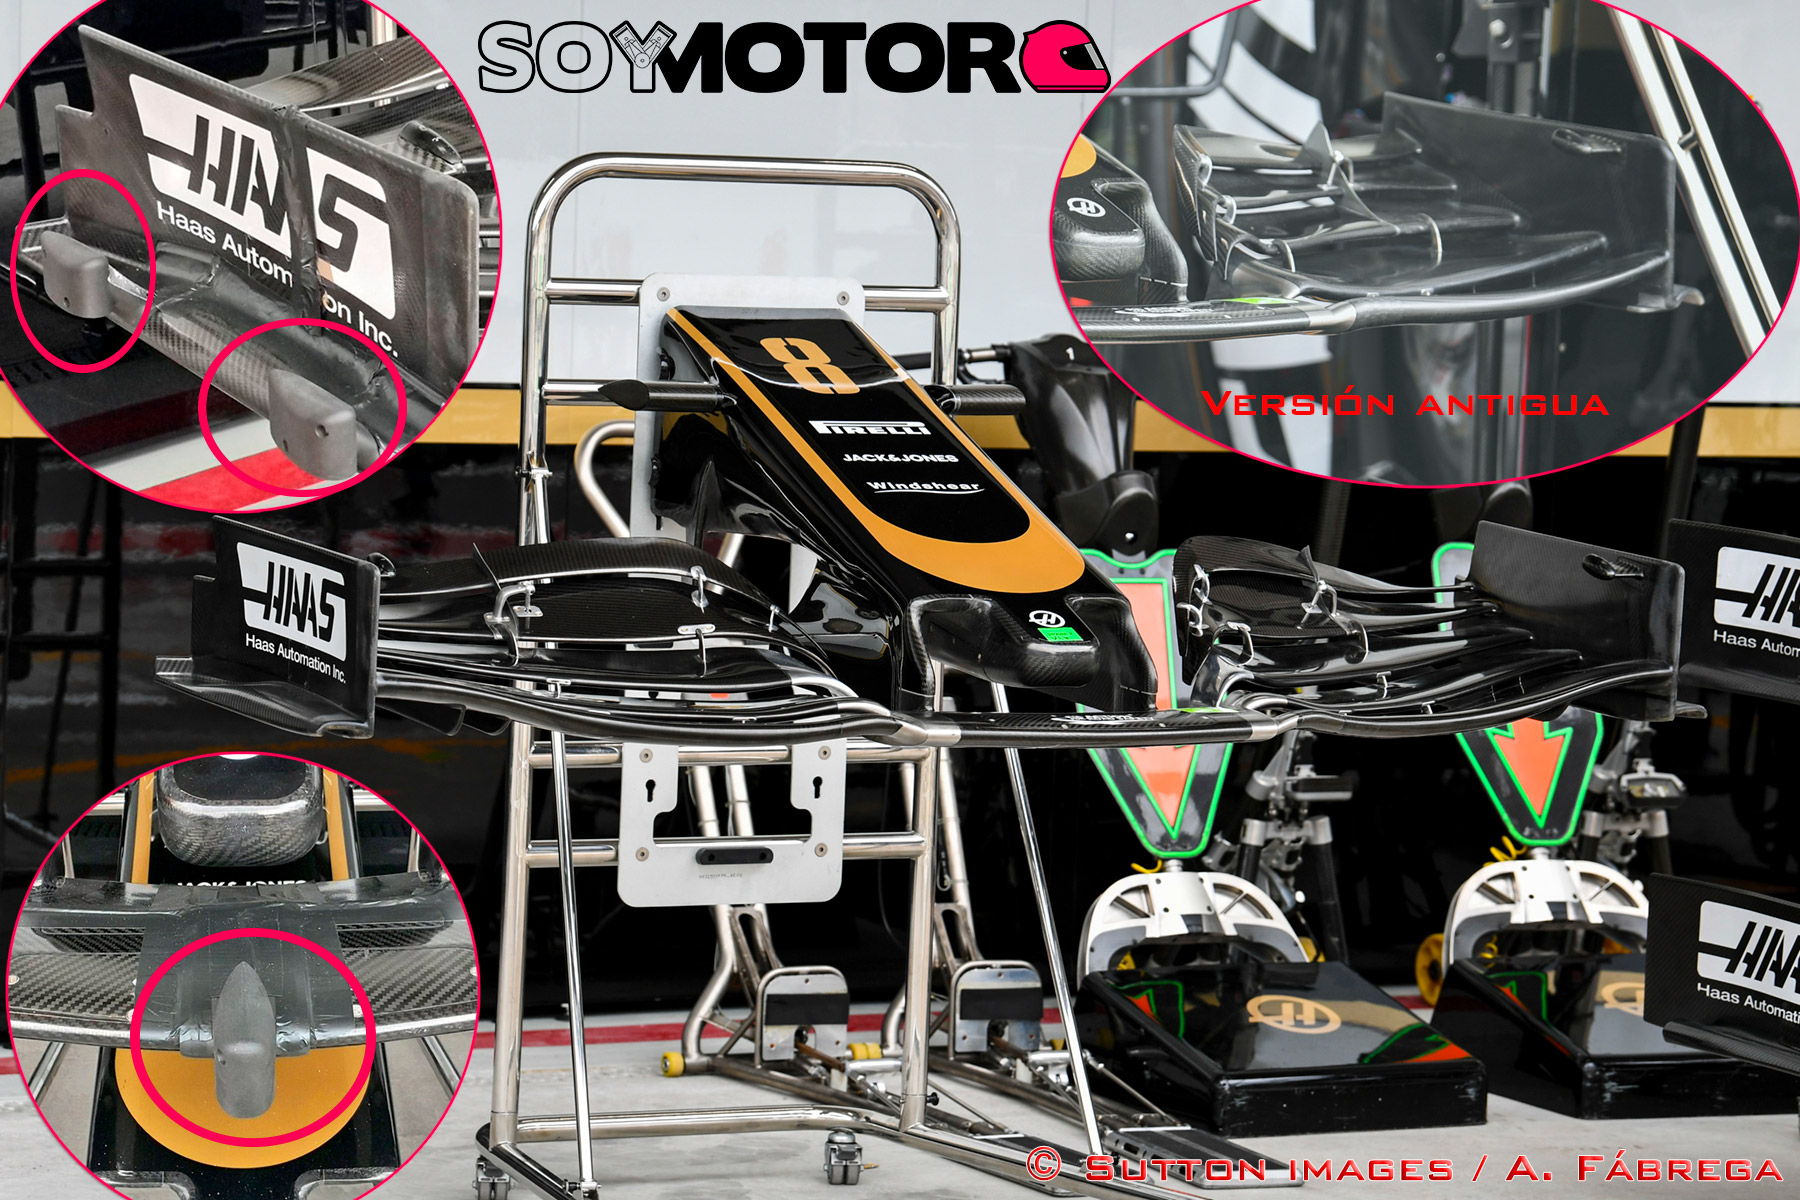 haas-alas-delanteras-y-sensores-soymotor.jpg